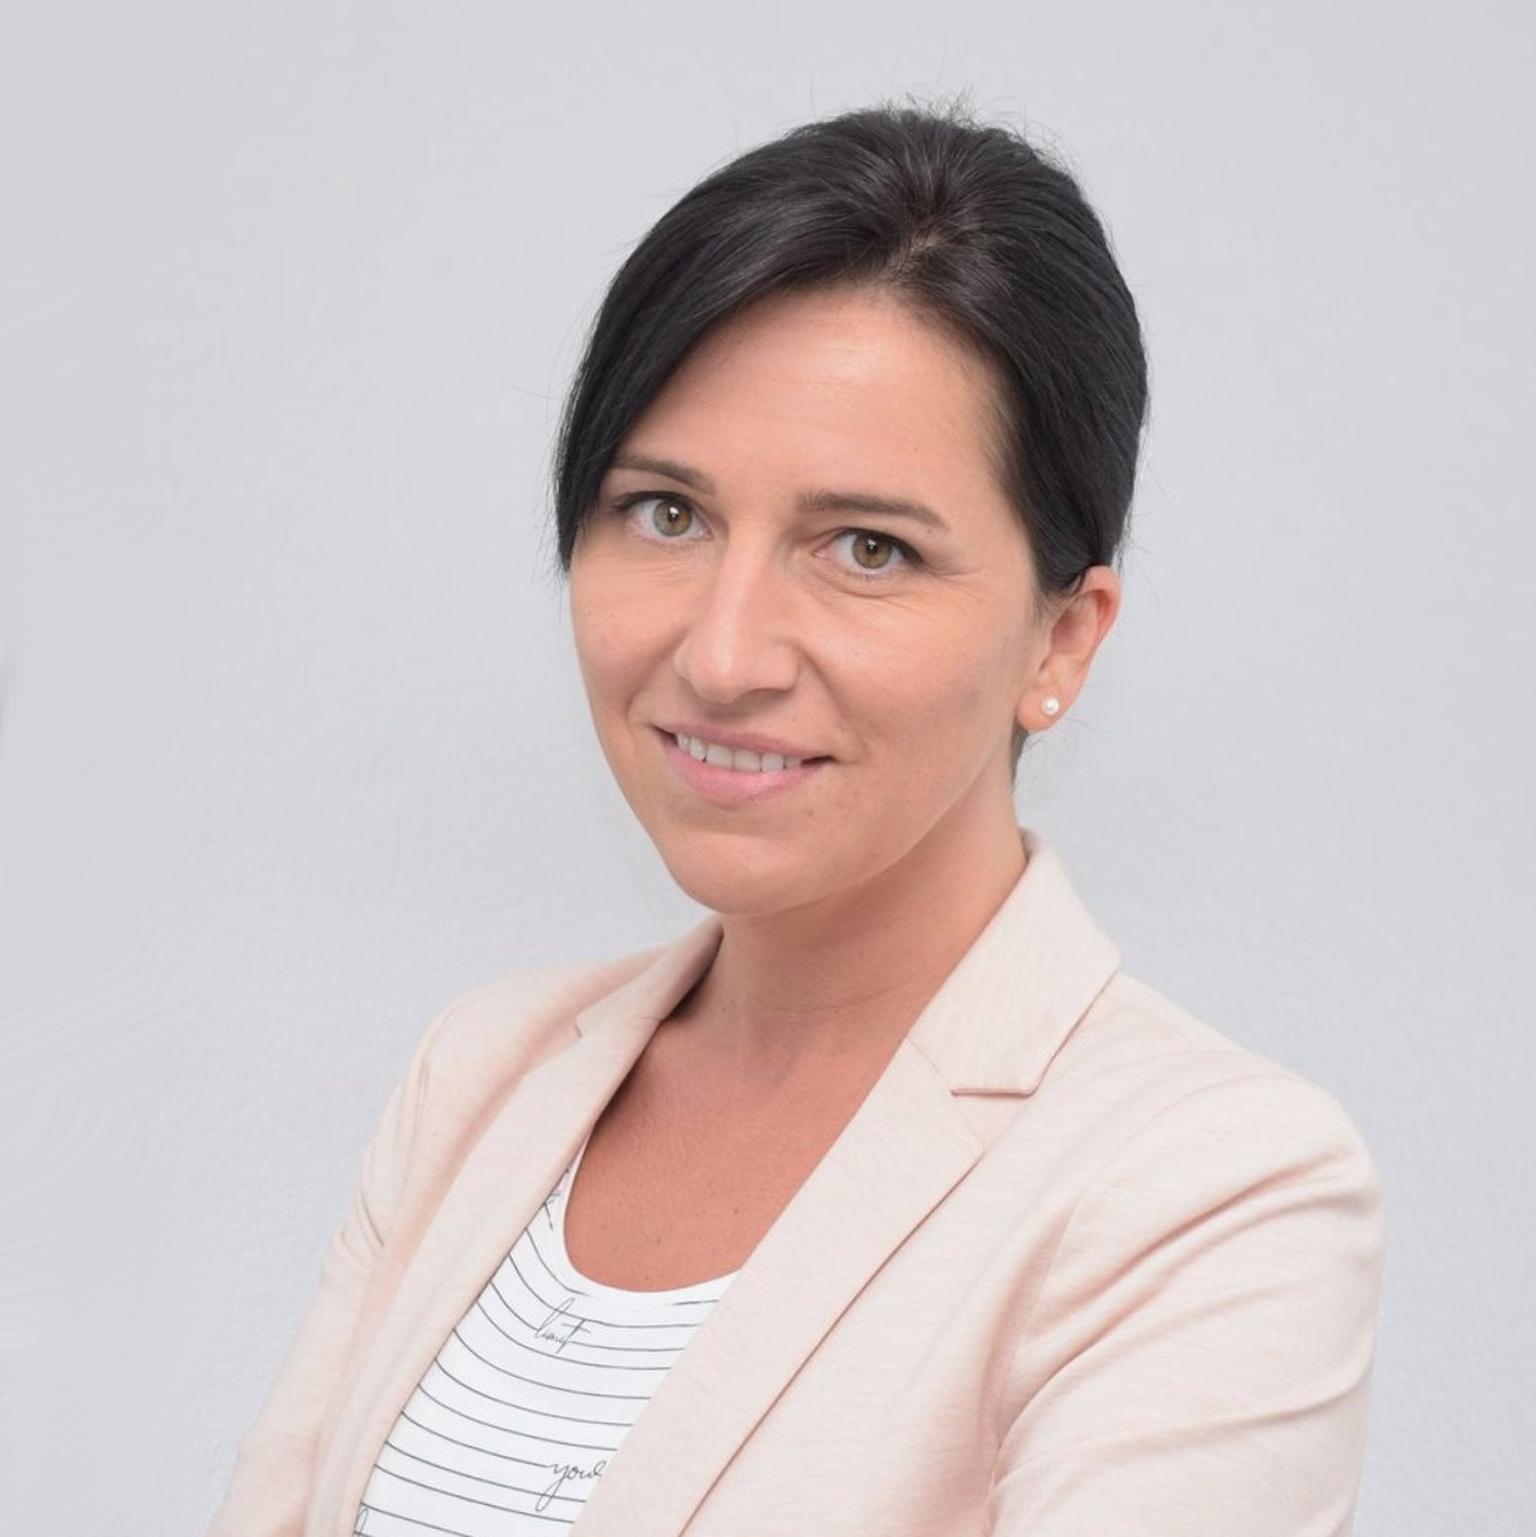 Cornelia Lehrbaum